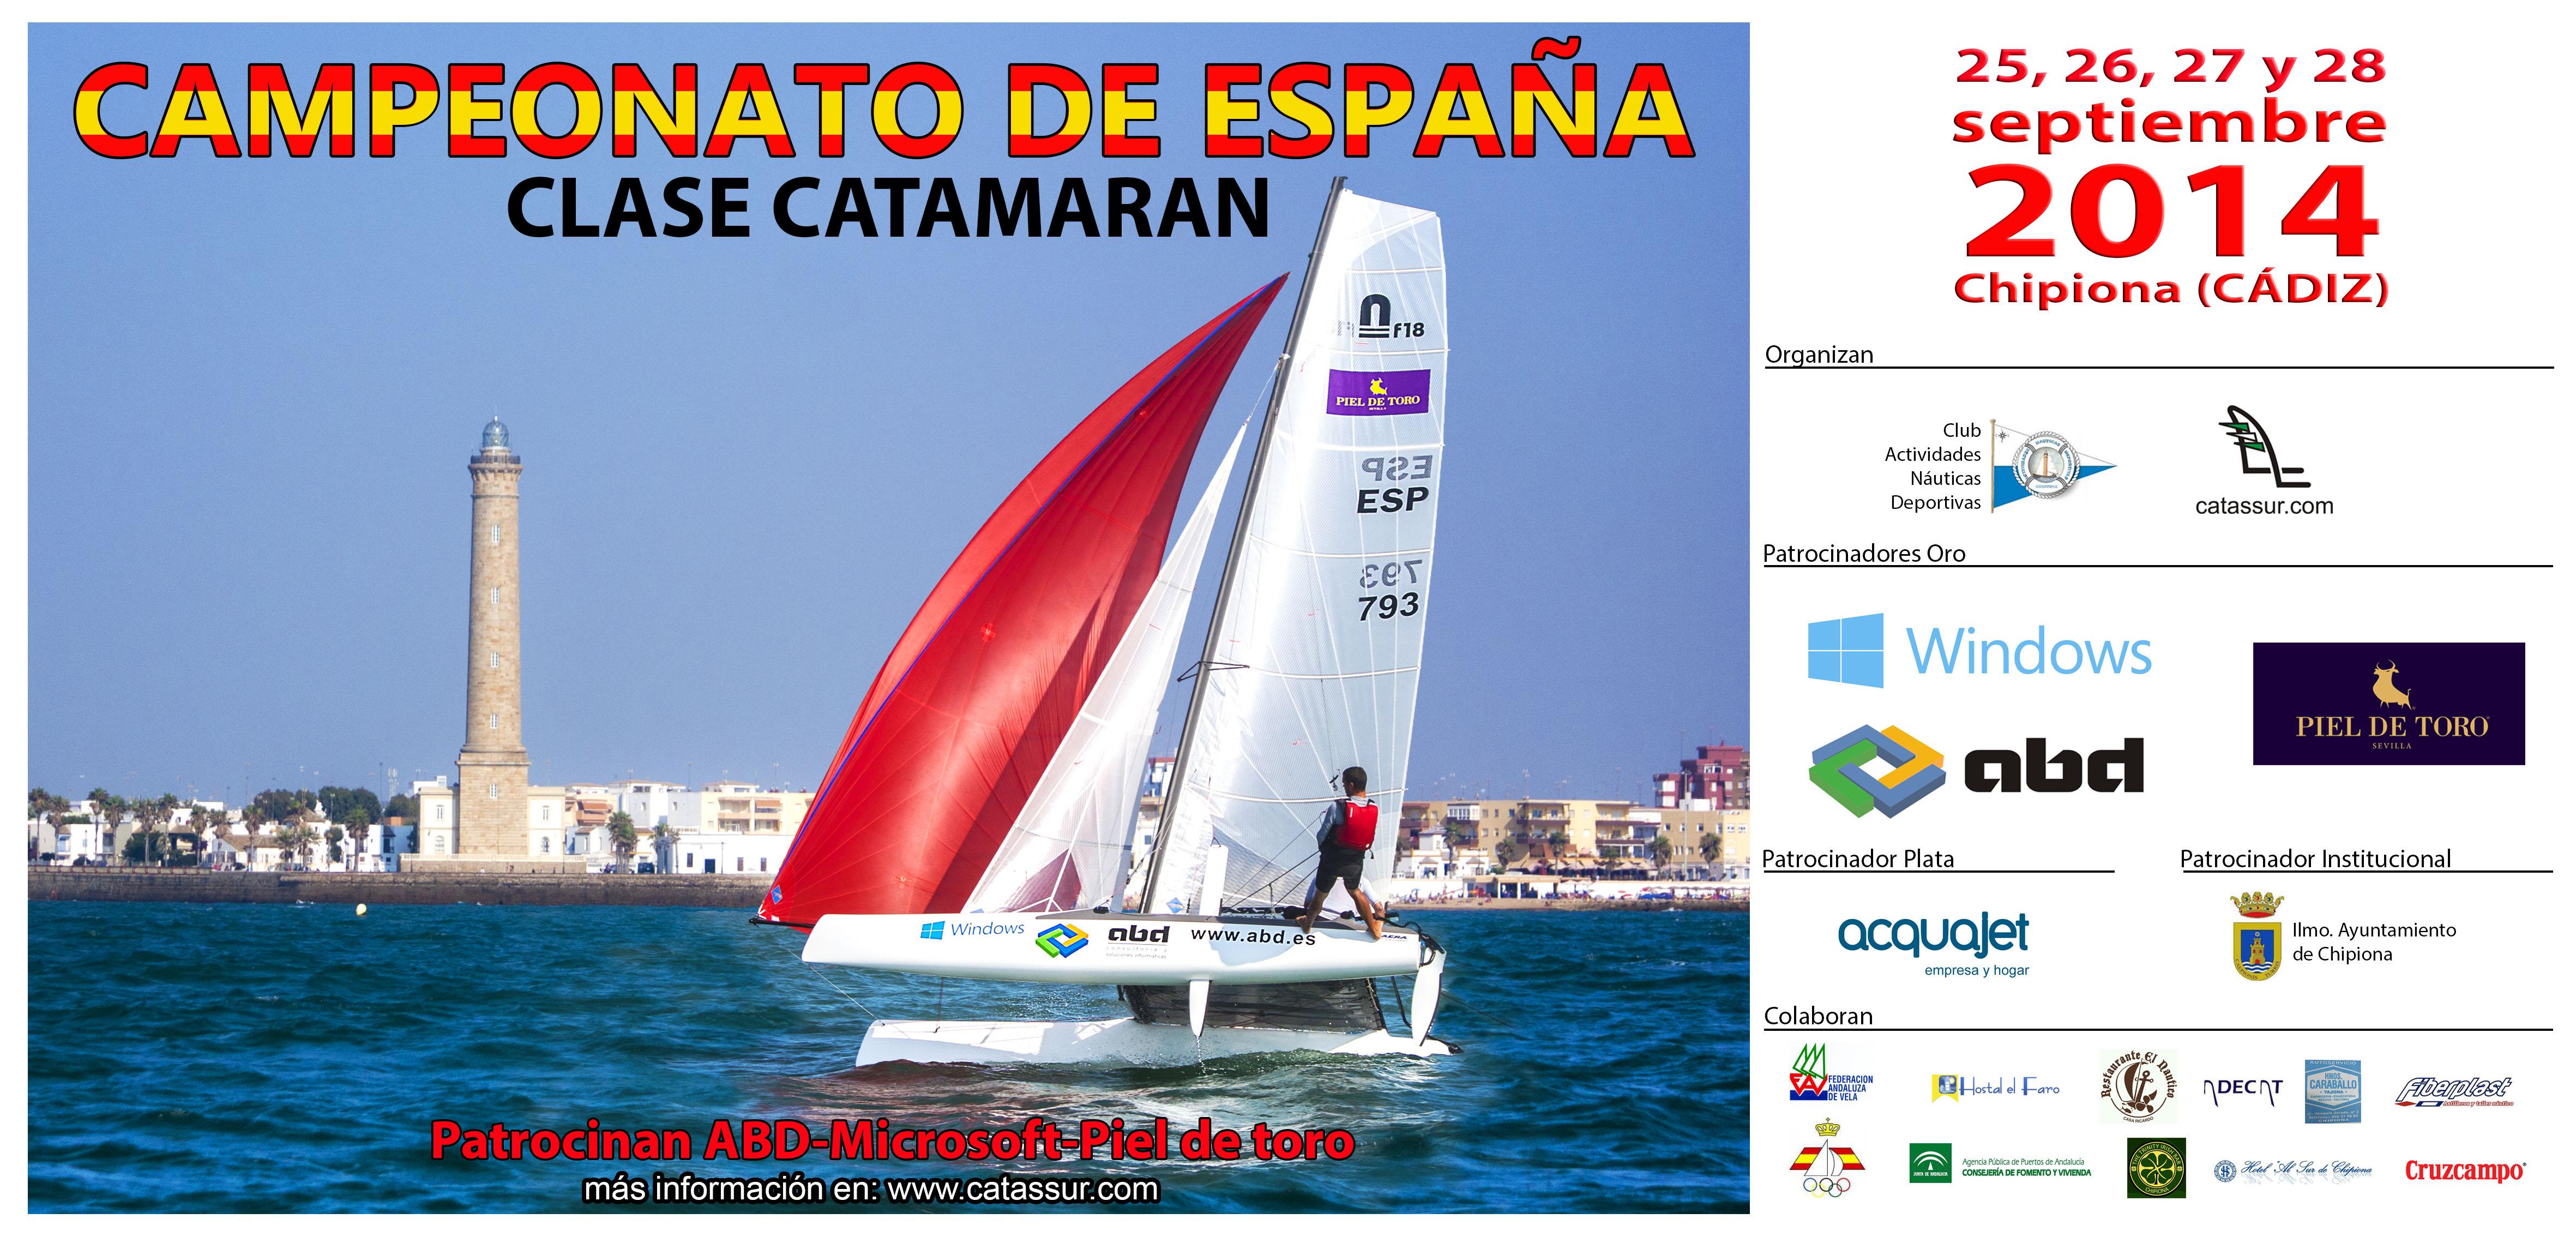 Todo sobre el campeonato de España de Catamarán 2014